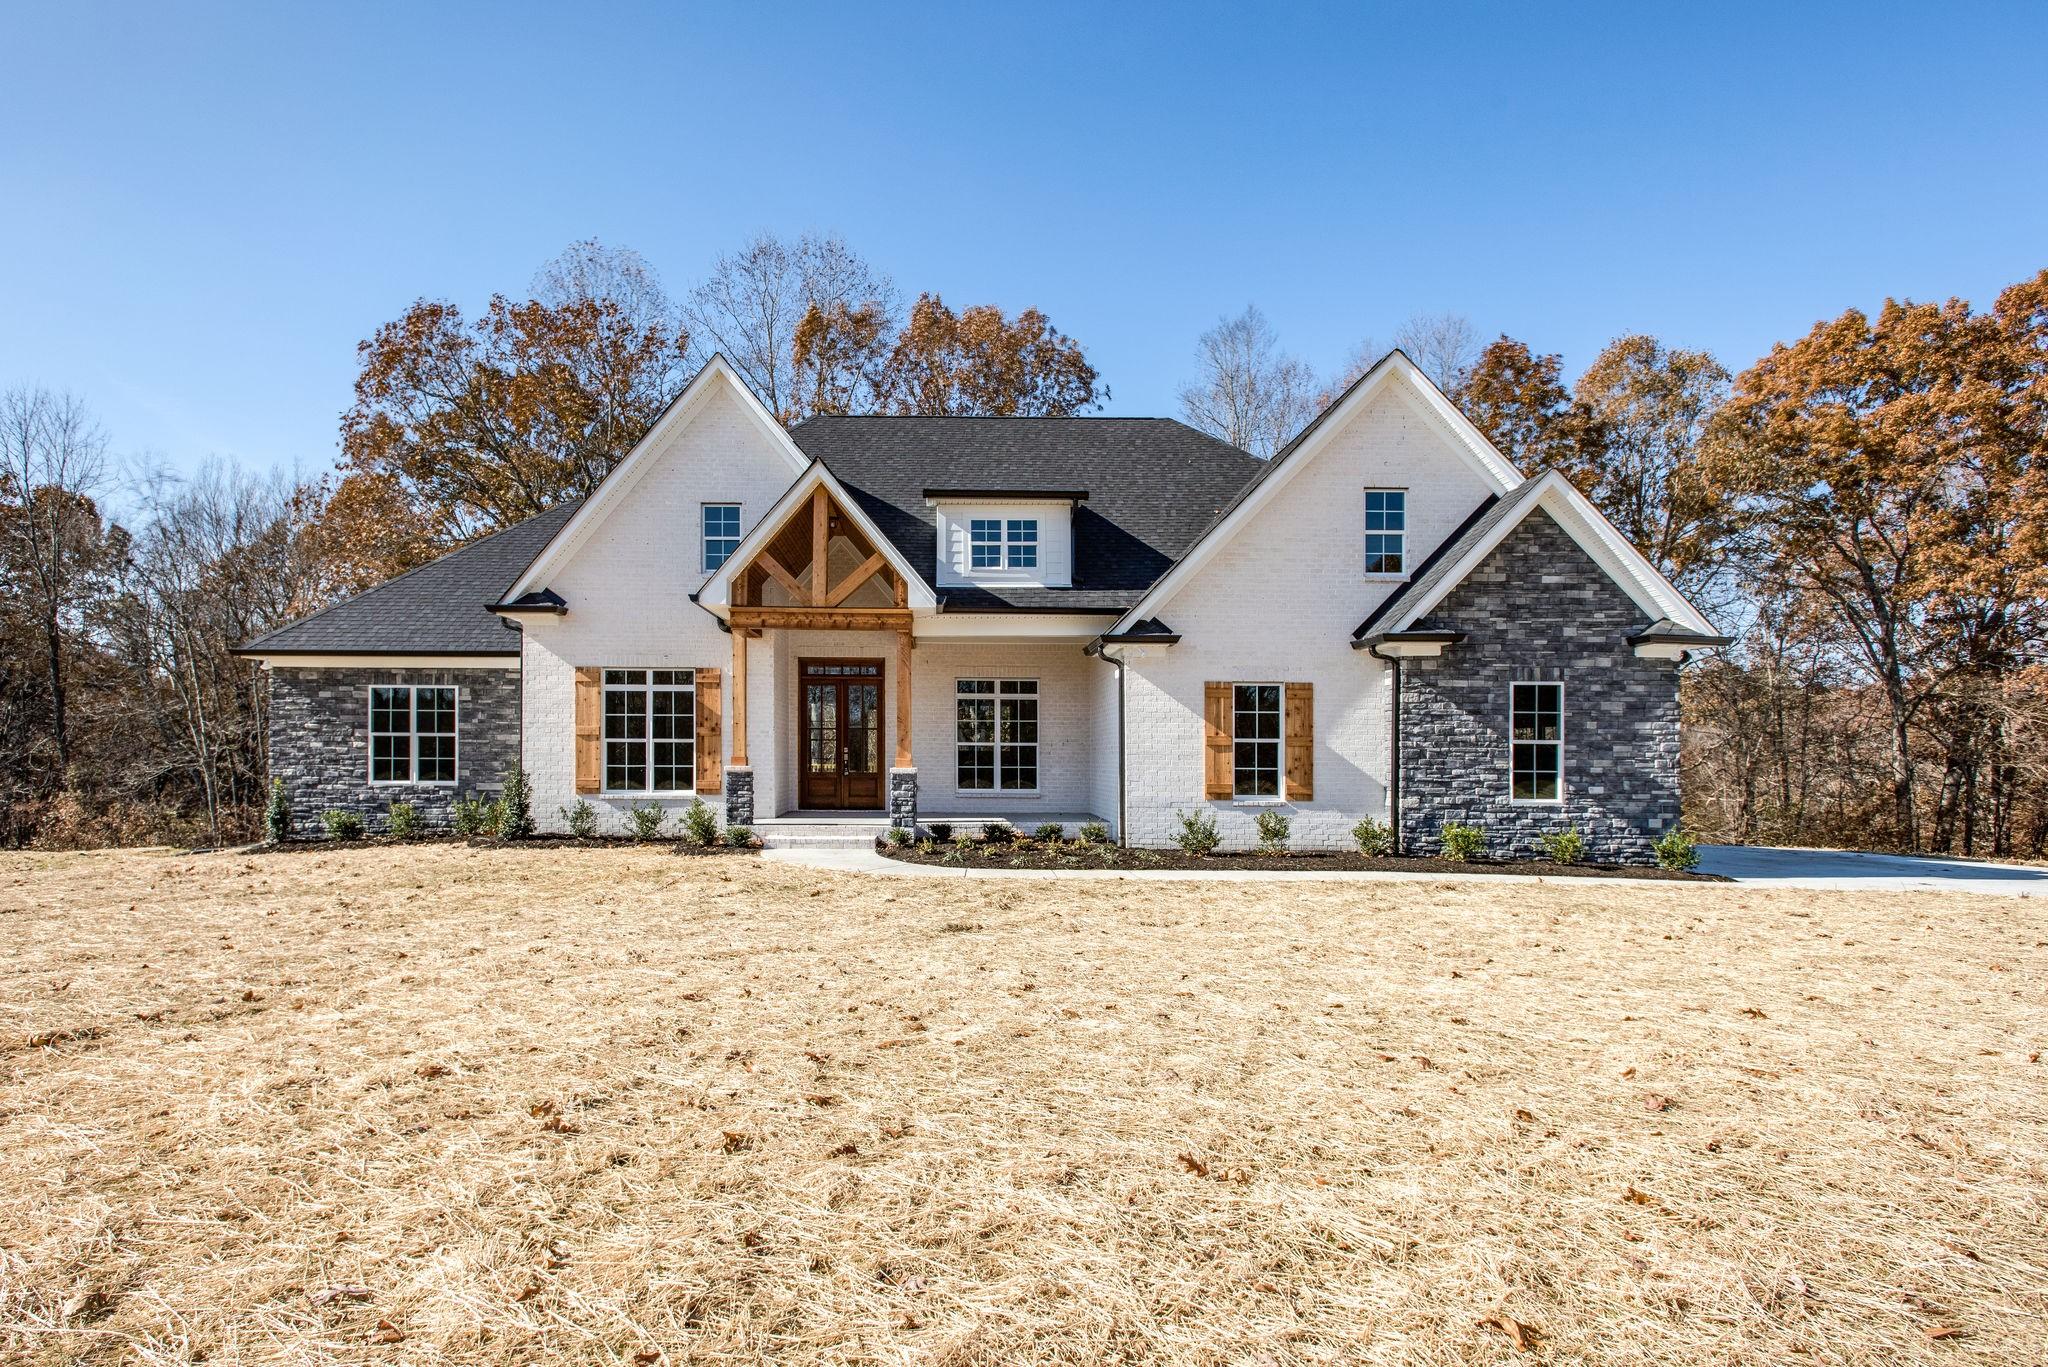 $489,900 - 4Br/4Ba -  for Sale in Pebble Brook Estates, Greenbrier